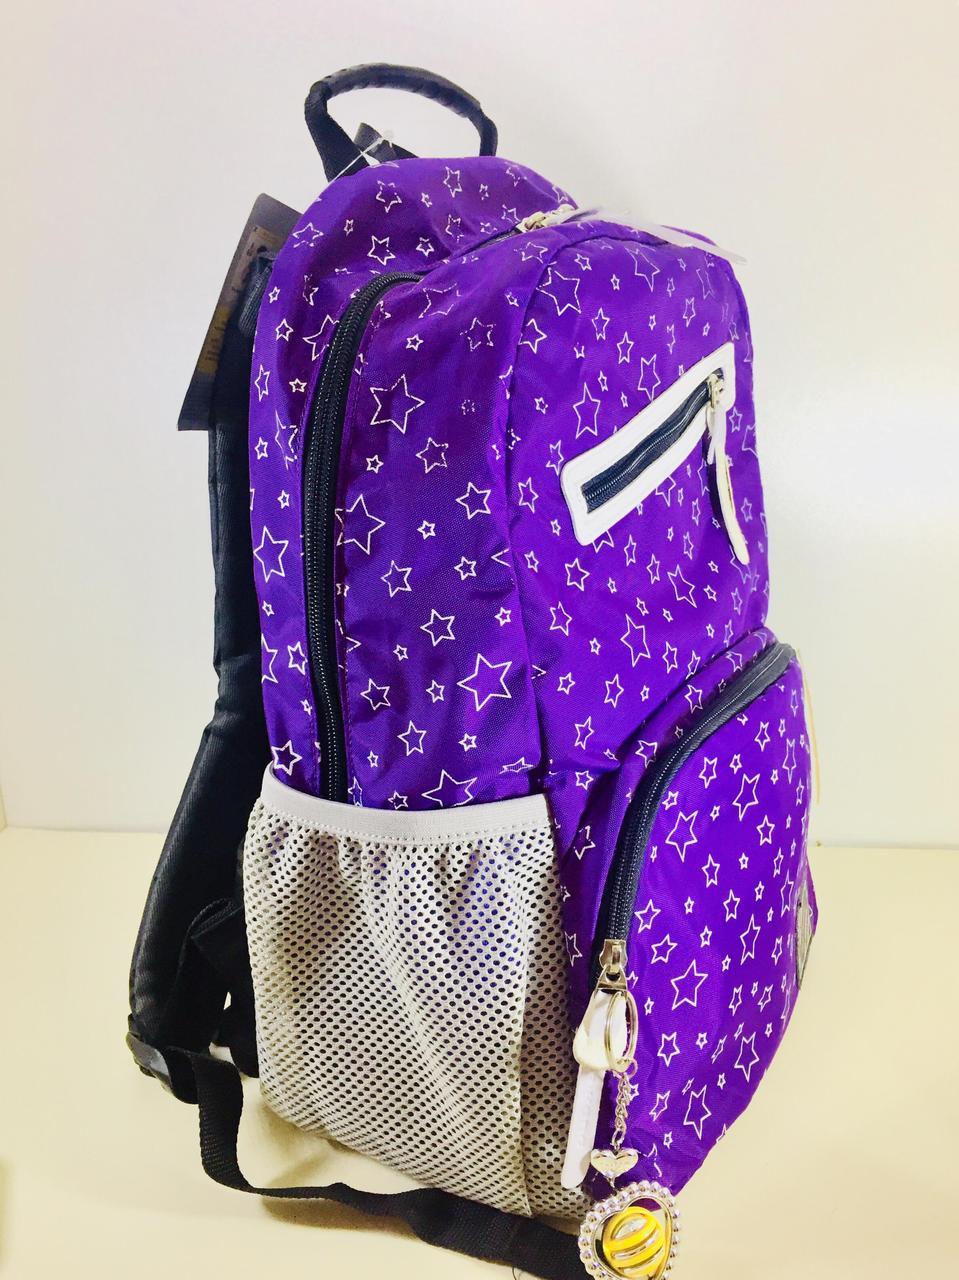 Рюкзак  Dr Kong  Z 321 размер М 42*29*15, фиолетовый